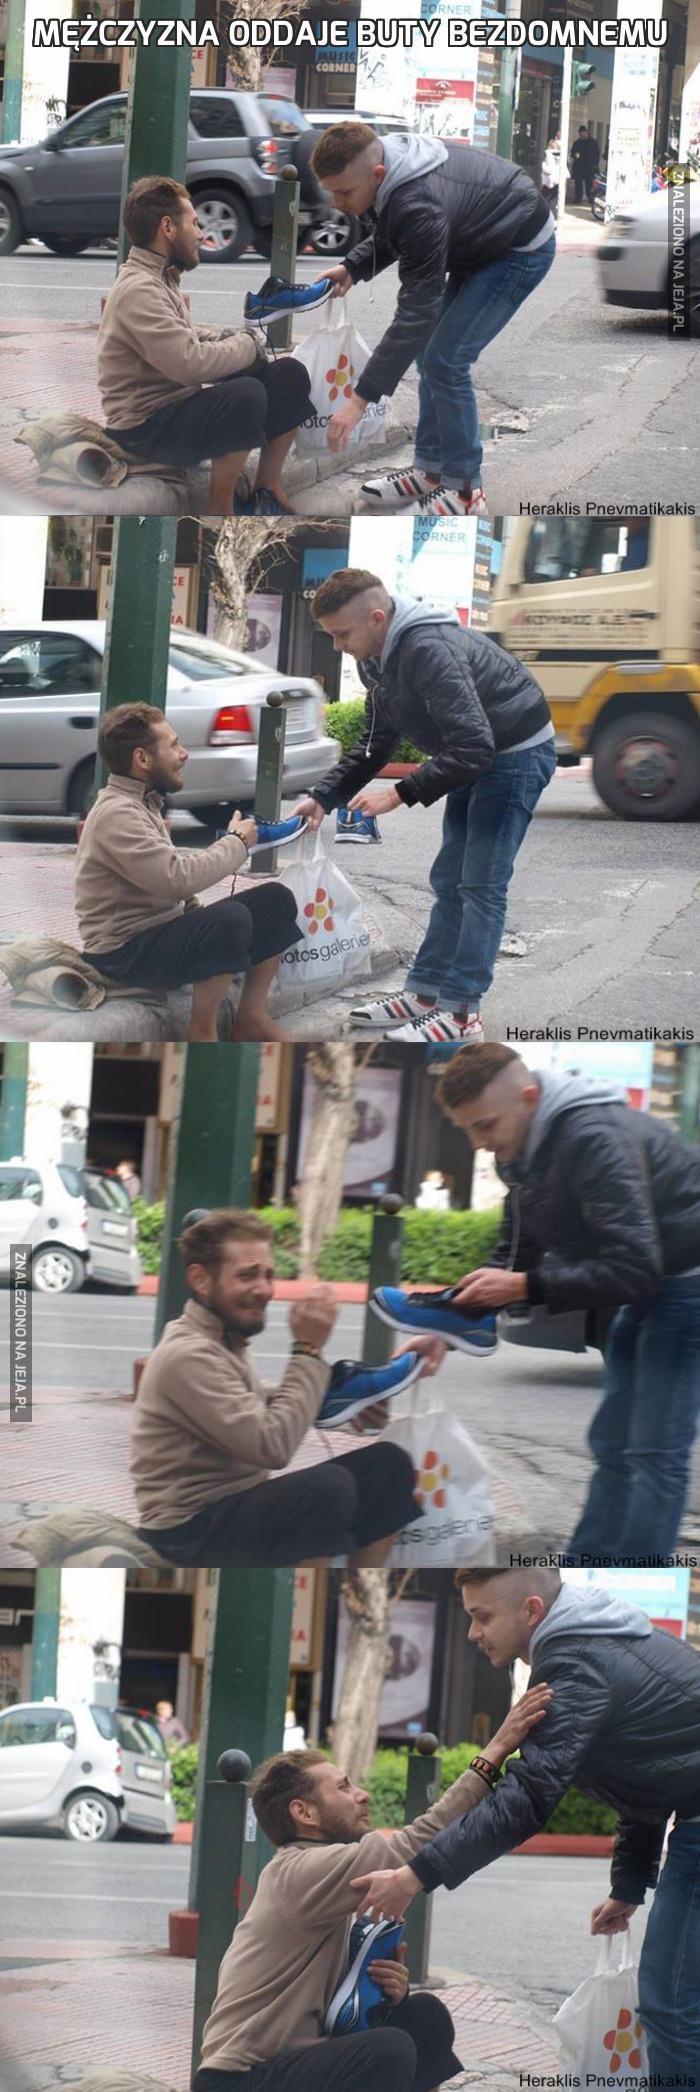 Mężczyzna oddaje buty bezdomnemu